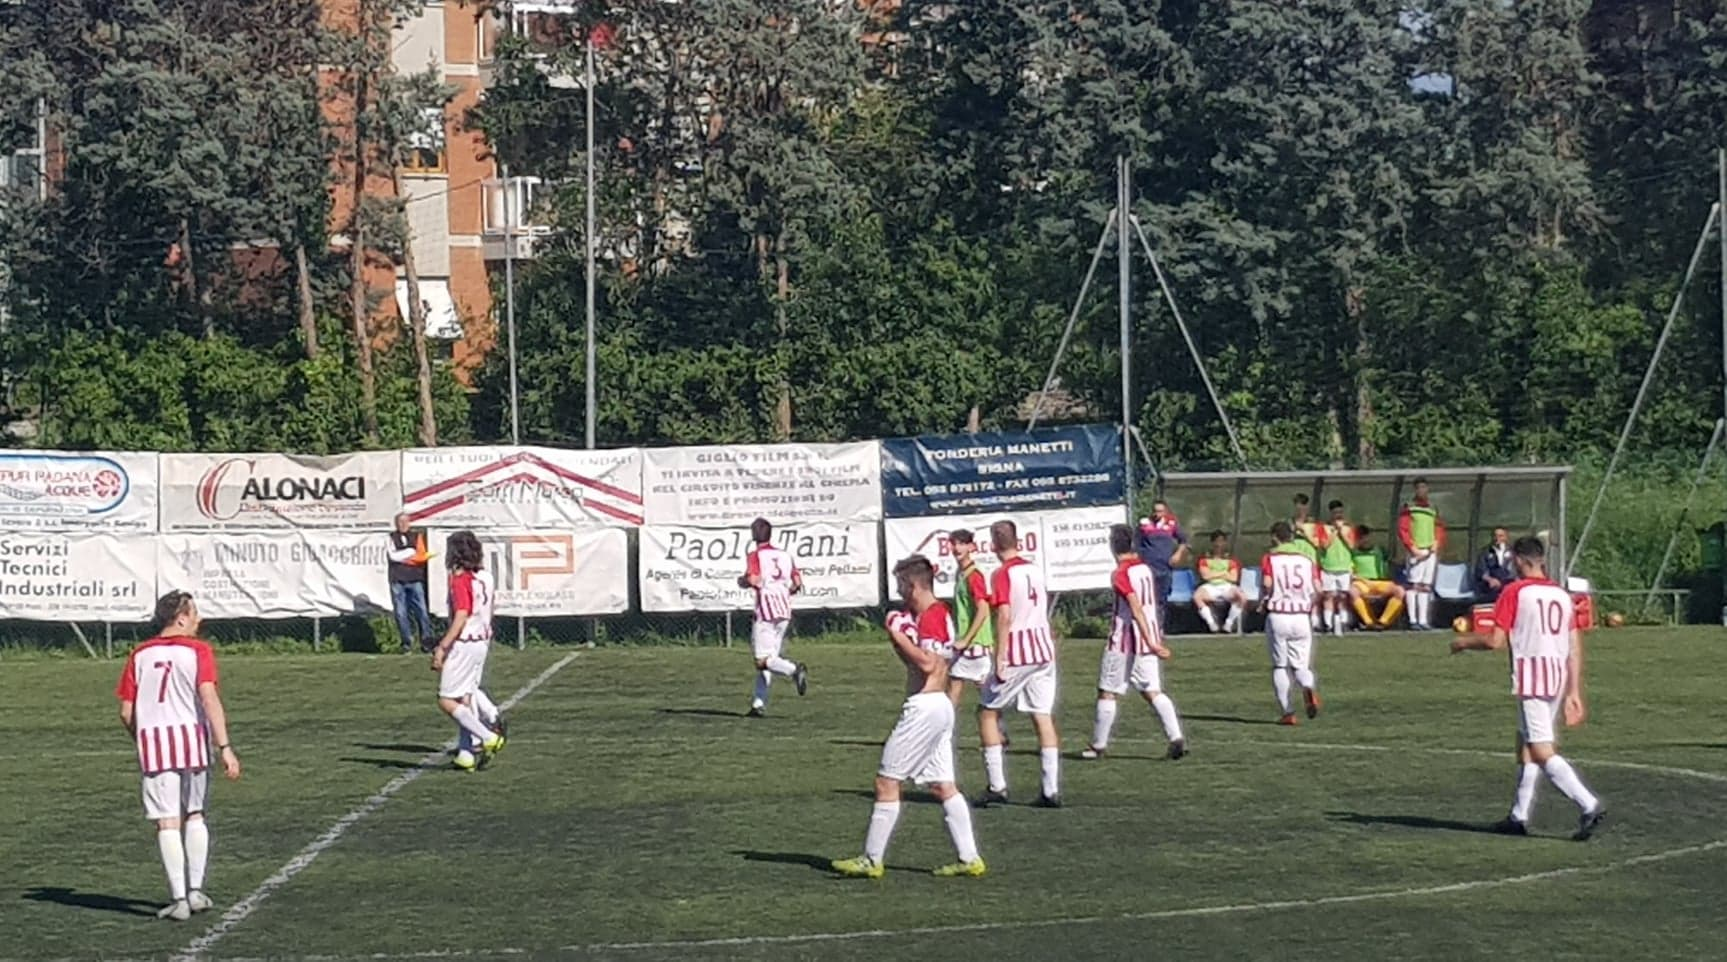 La Lastrigiana pareggia 2-2 col Porta Romana e si qualifica per la Coppa Toscana